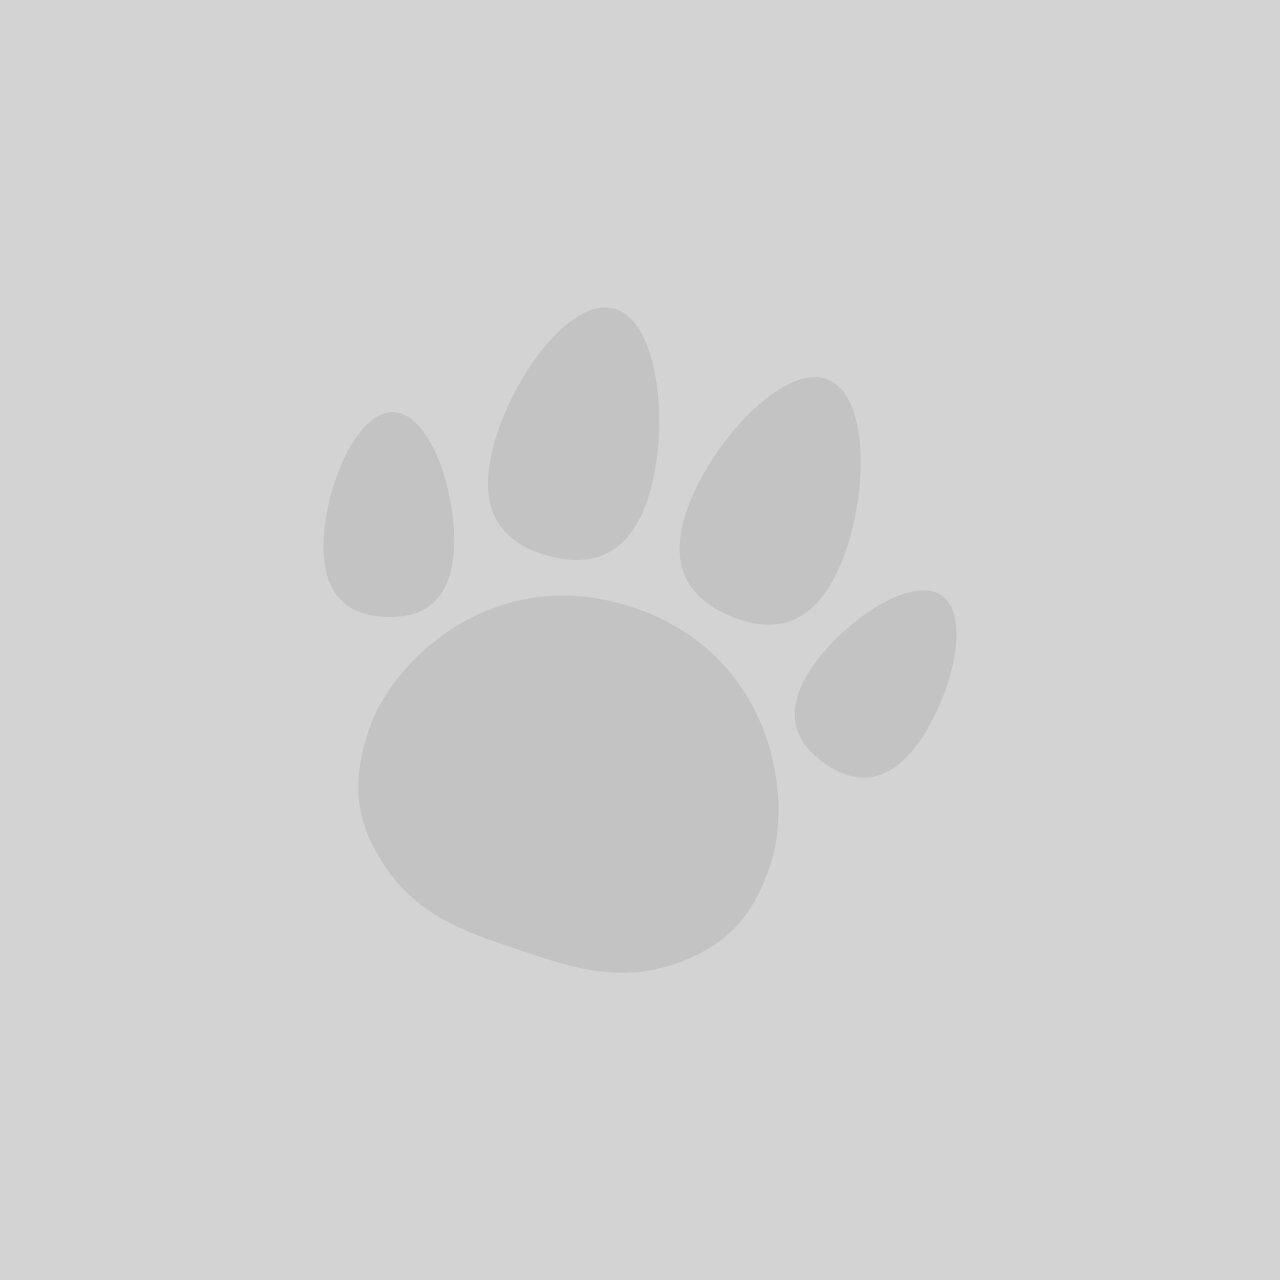 Hollings 100% Wild Boar Strips 5 Pack